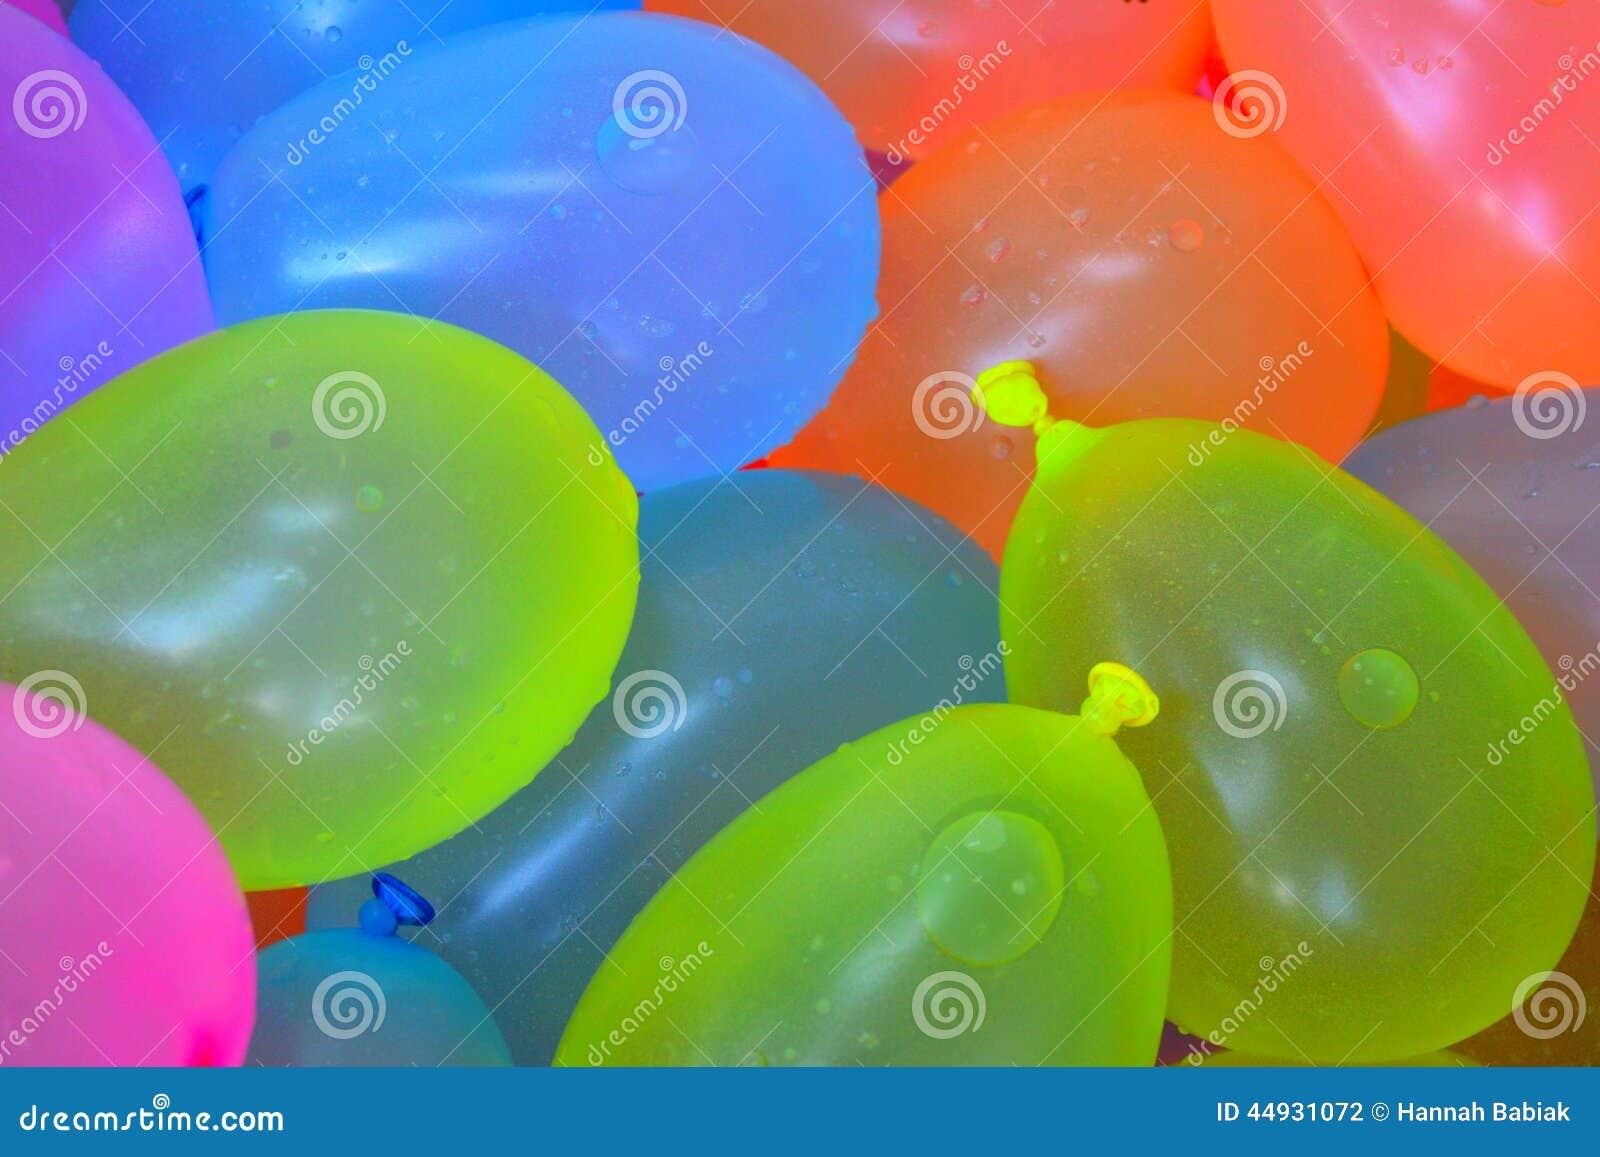 Wodni balony